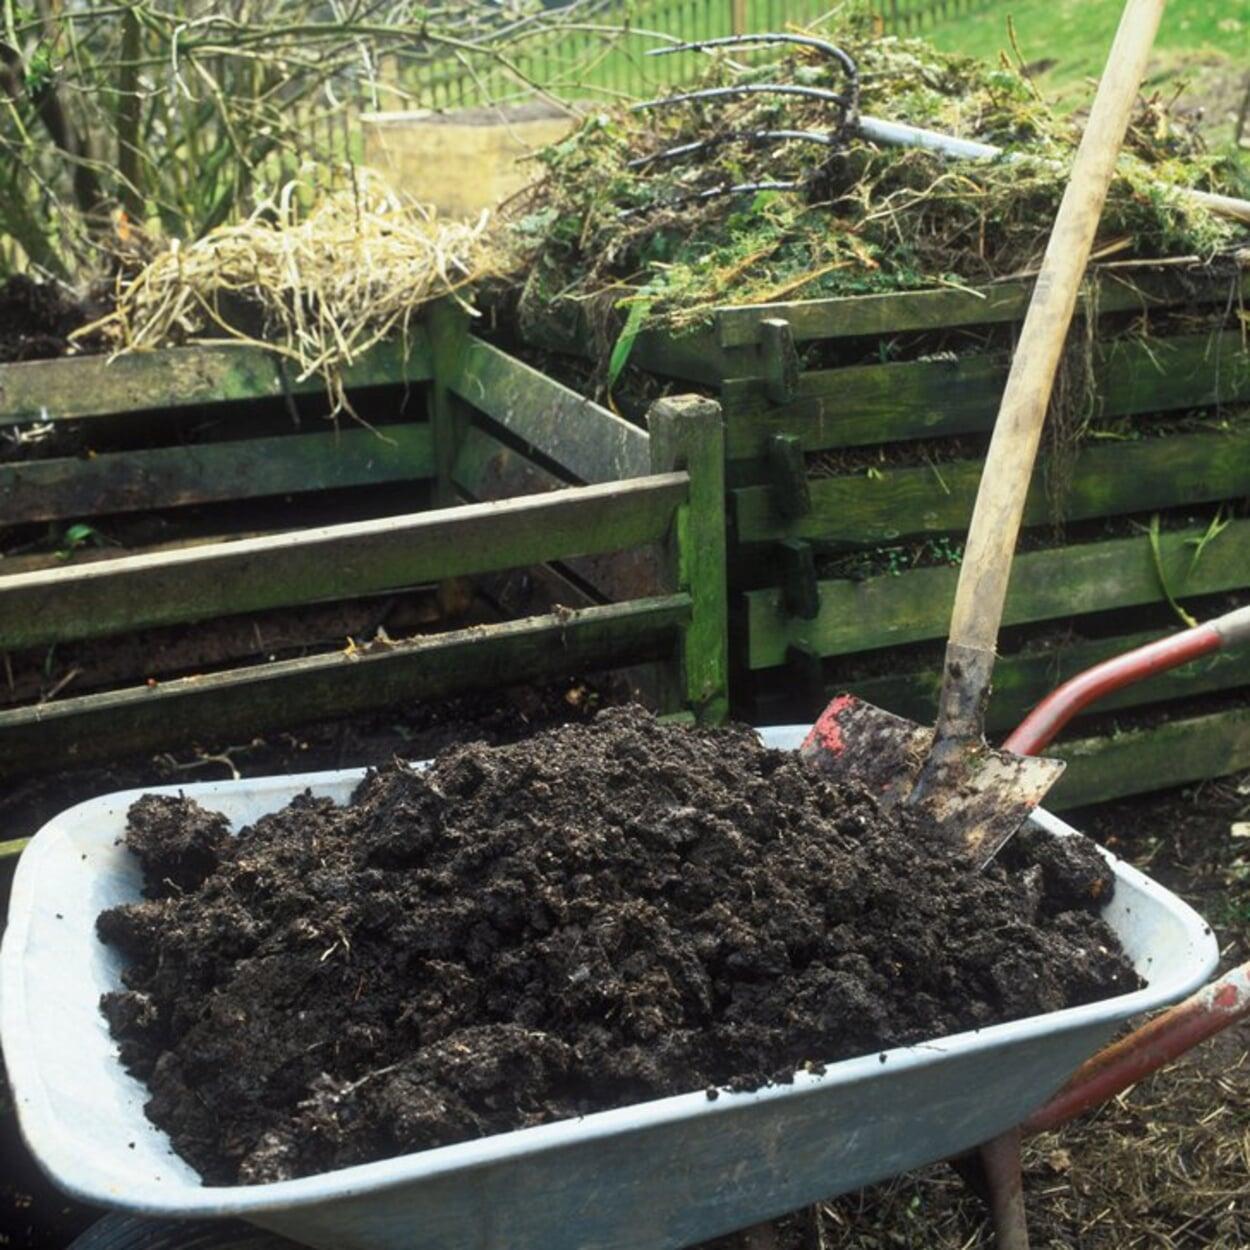 Bei zu geringem Humusgehalt noch vor dem Winter Kompost oder Mist auf die Beete ausbringen